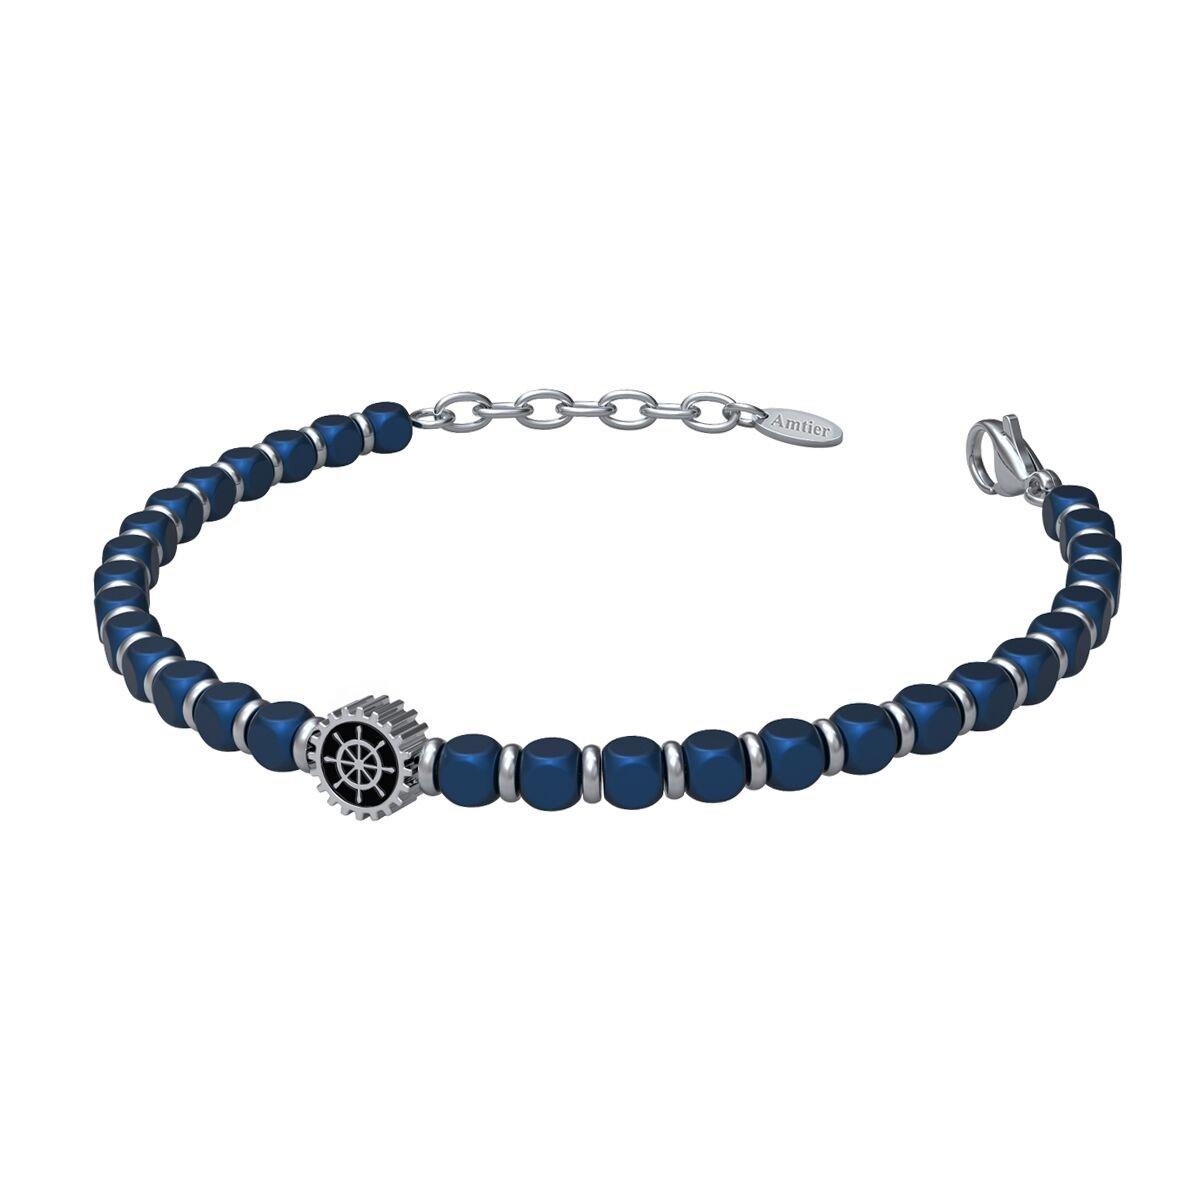 Amtier Unisexe Bracelet Hommes Bleu DIY Perlé Acier Inoxydable Chaîne Ajustable 7.5-8.5 Pouces Boîte-Cadeau Marque CMP-2017-069